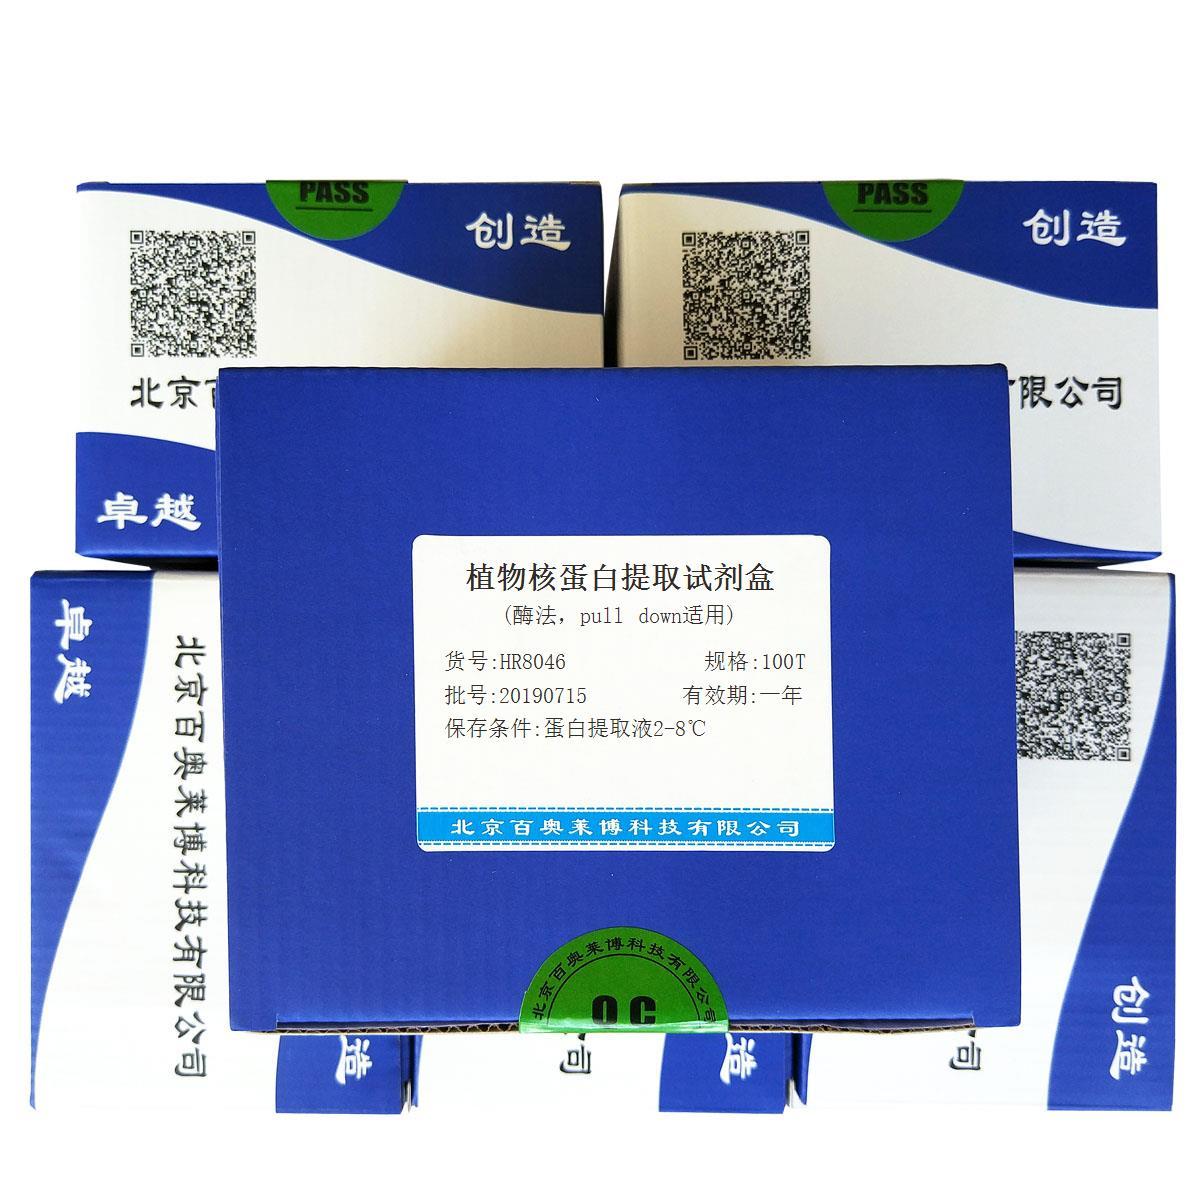 植物核蛋白提取试剂盒(酶法,pull down适用)